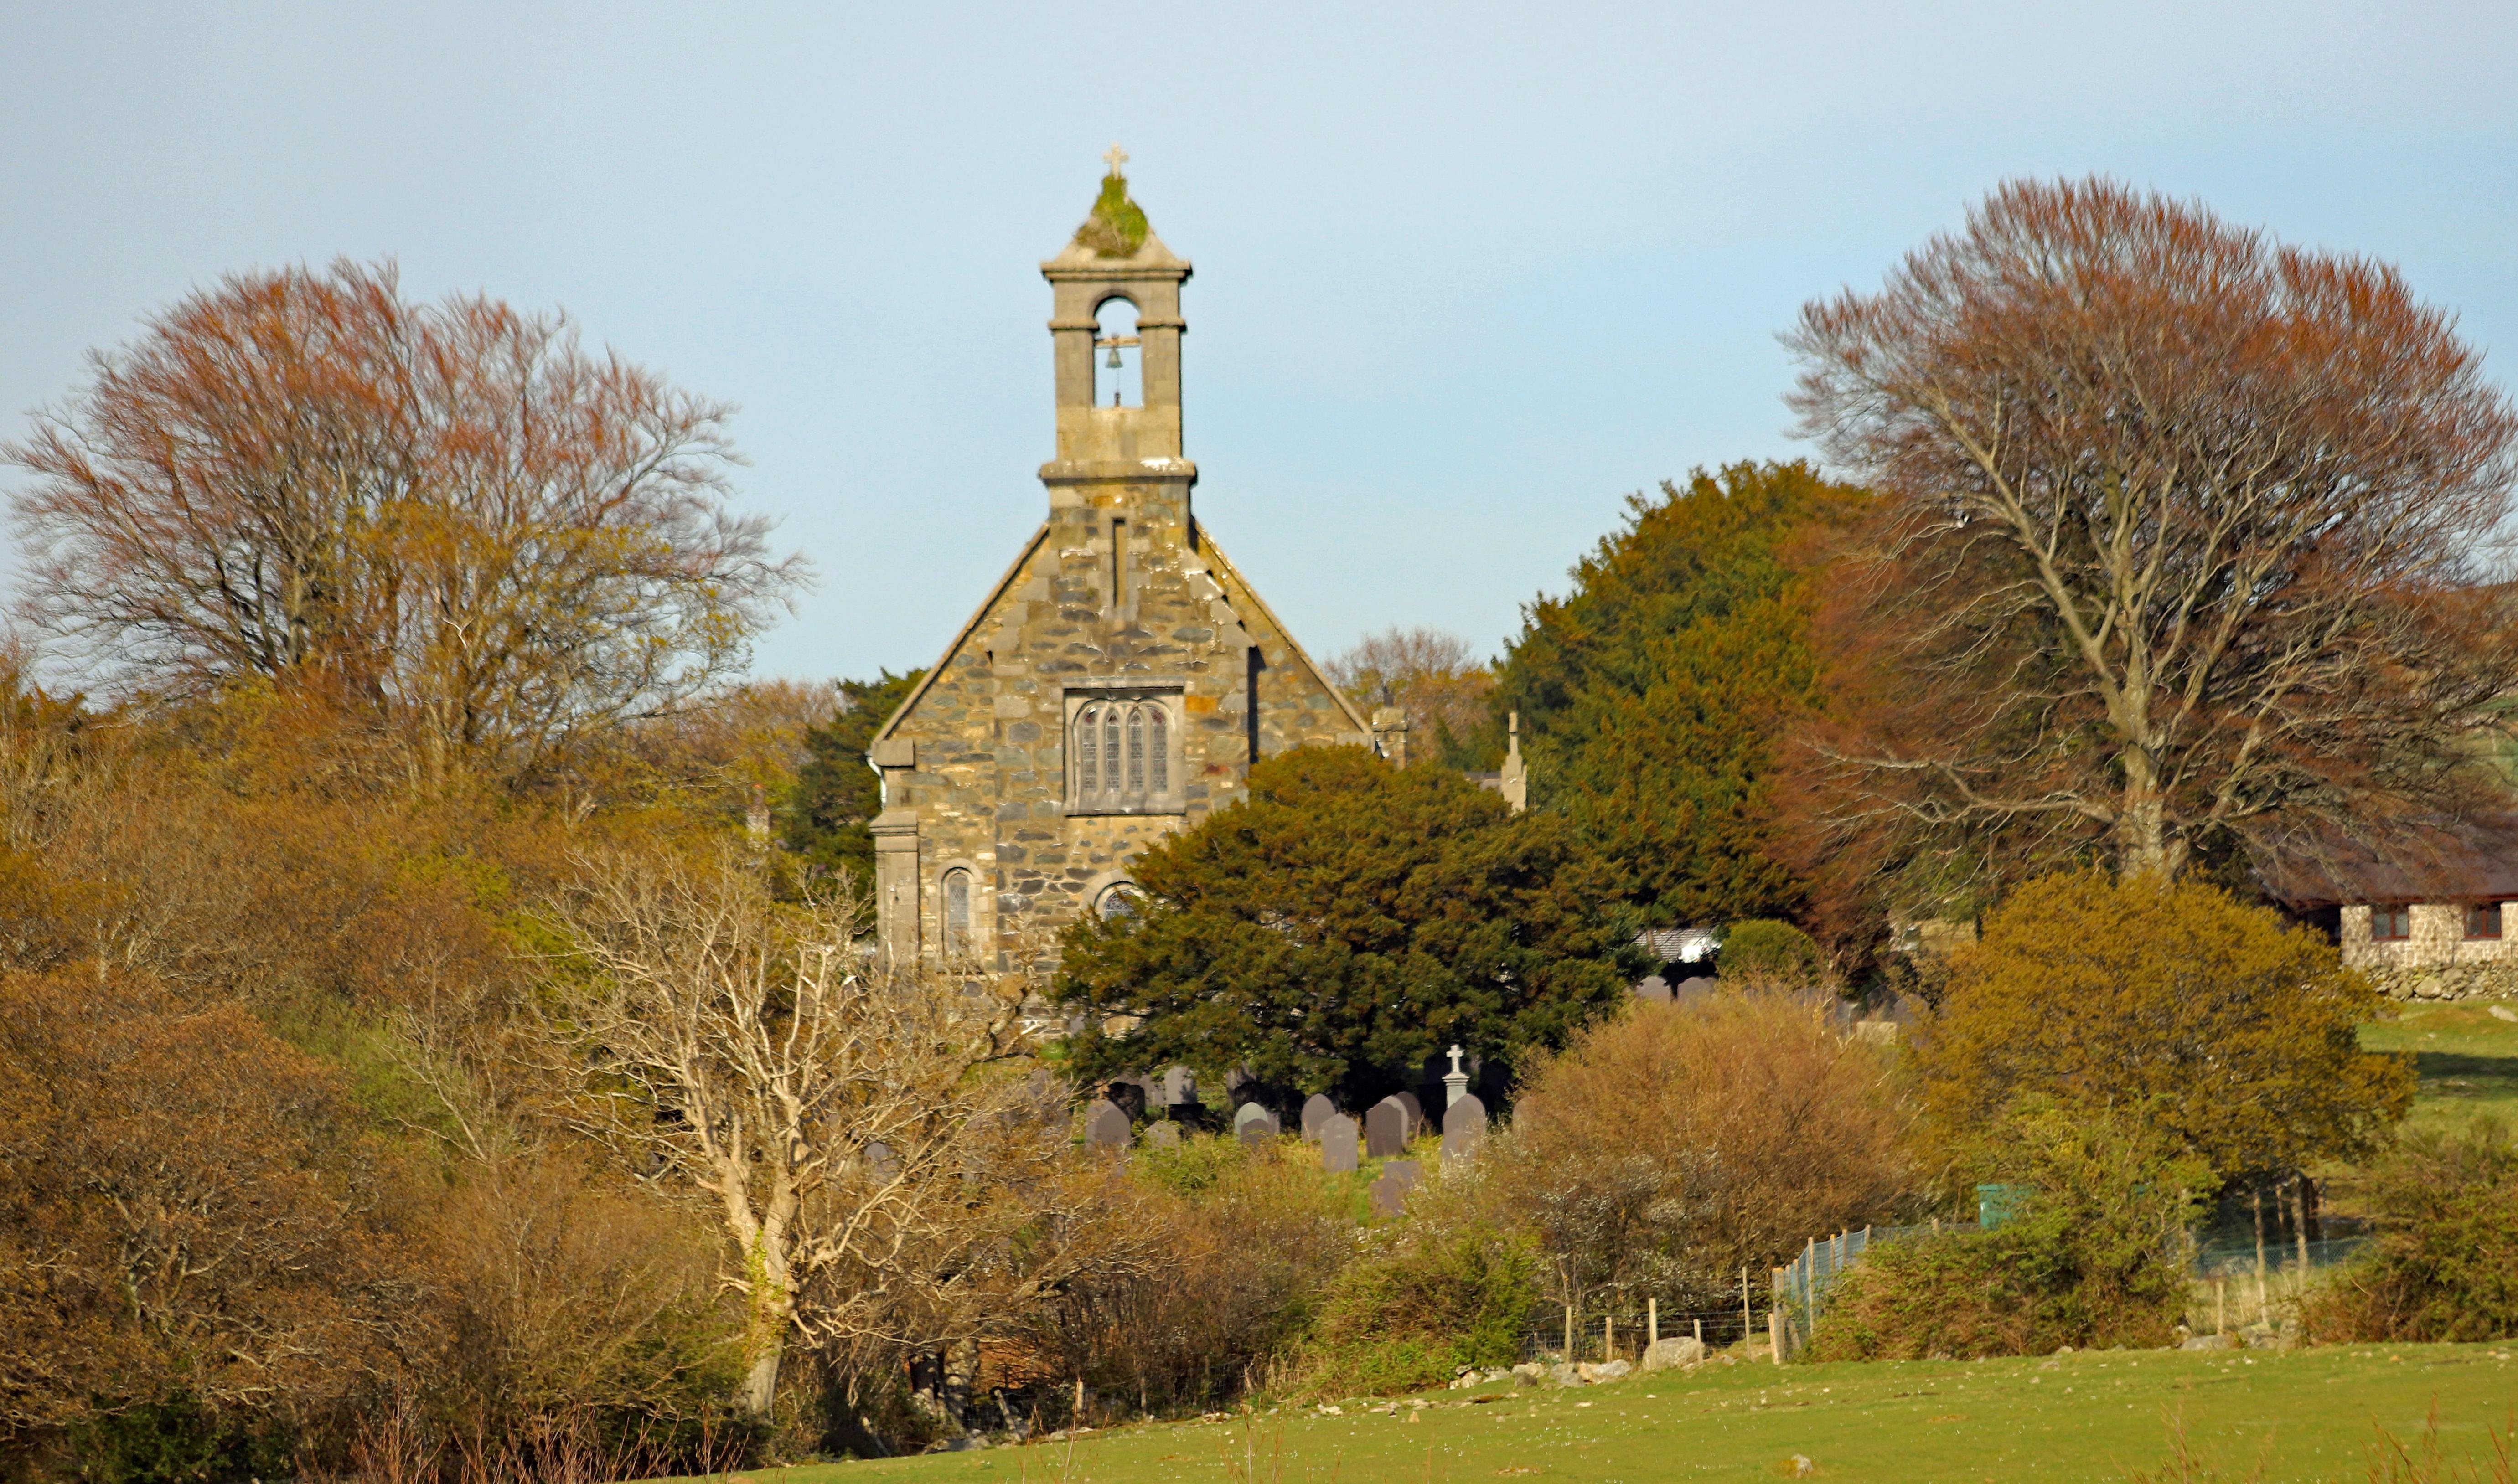 Eglwys Llan